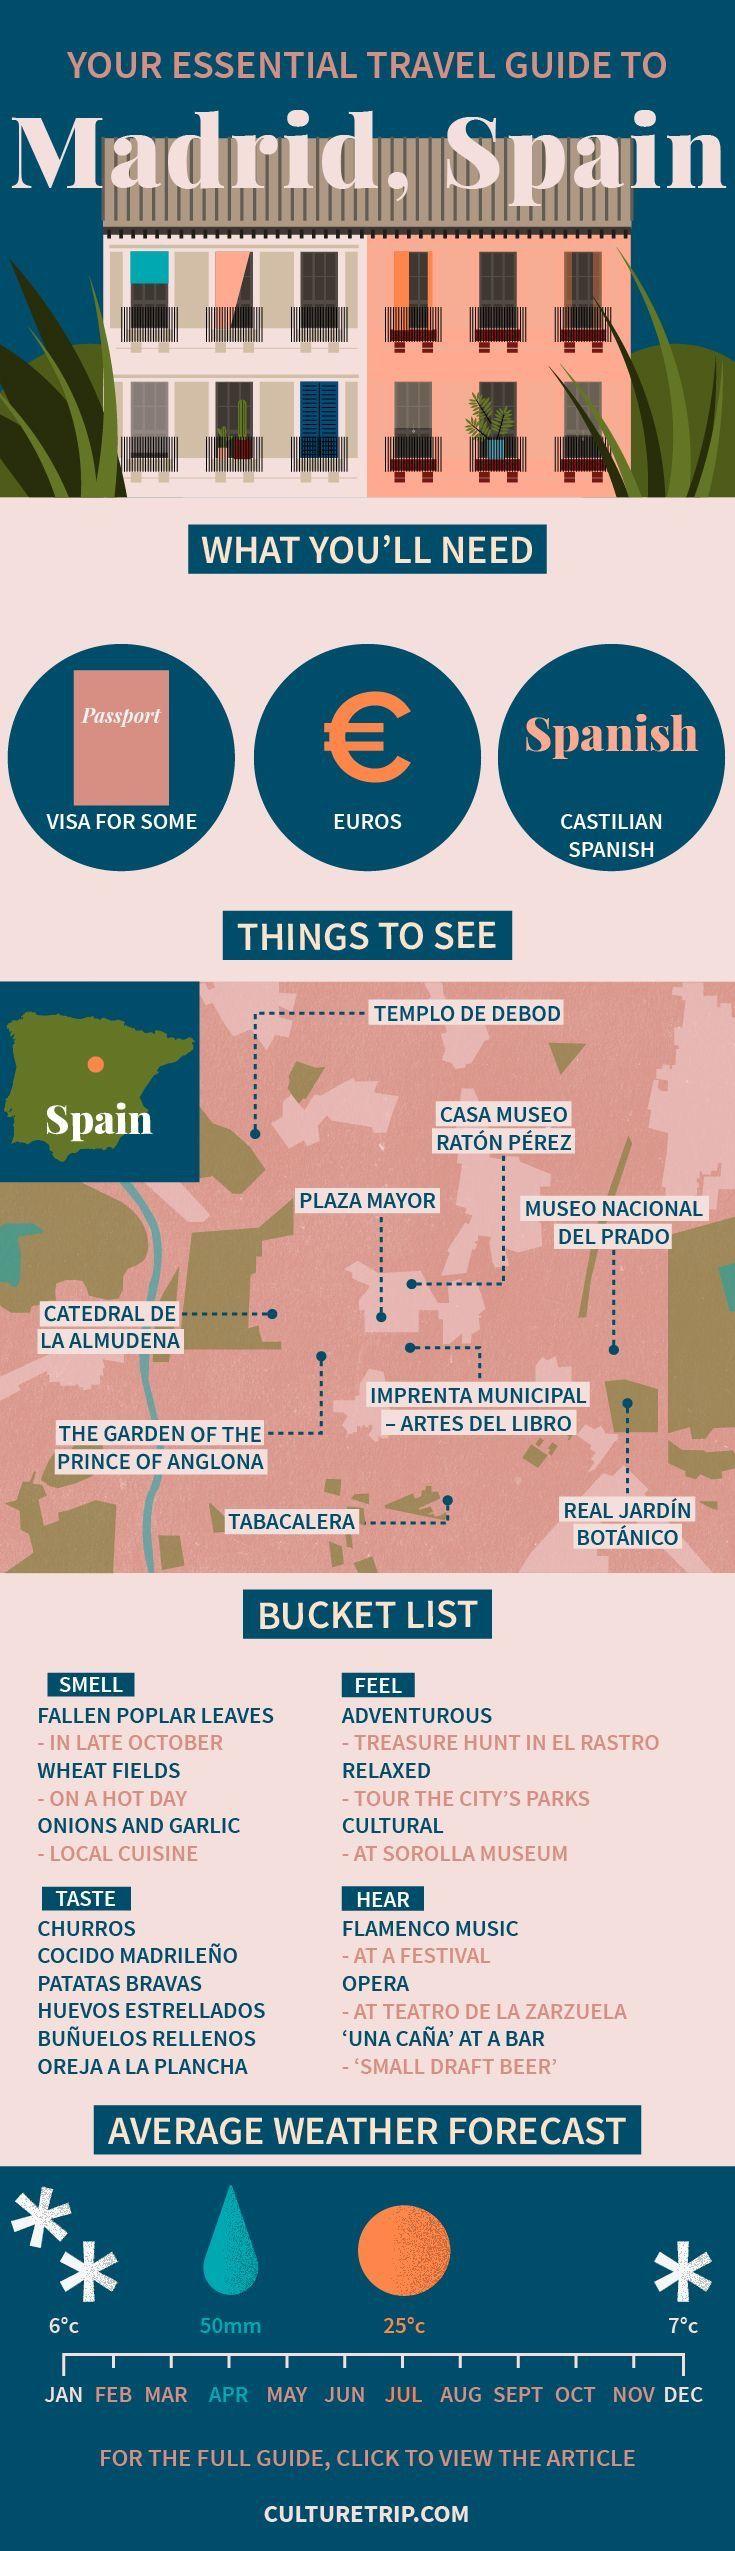 La Carmencita Abre La Tasca Celso Y Manolo En Madrid Caf Y  # Muebles Celso Santo Tome